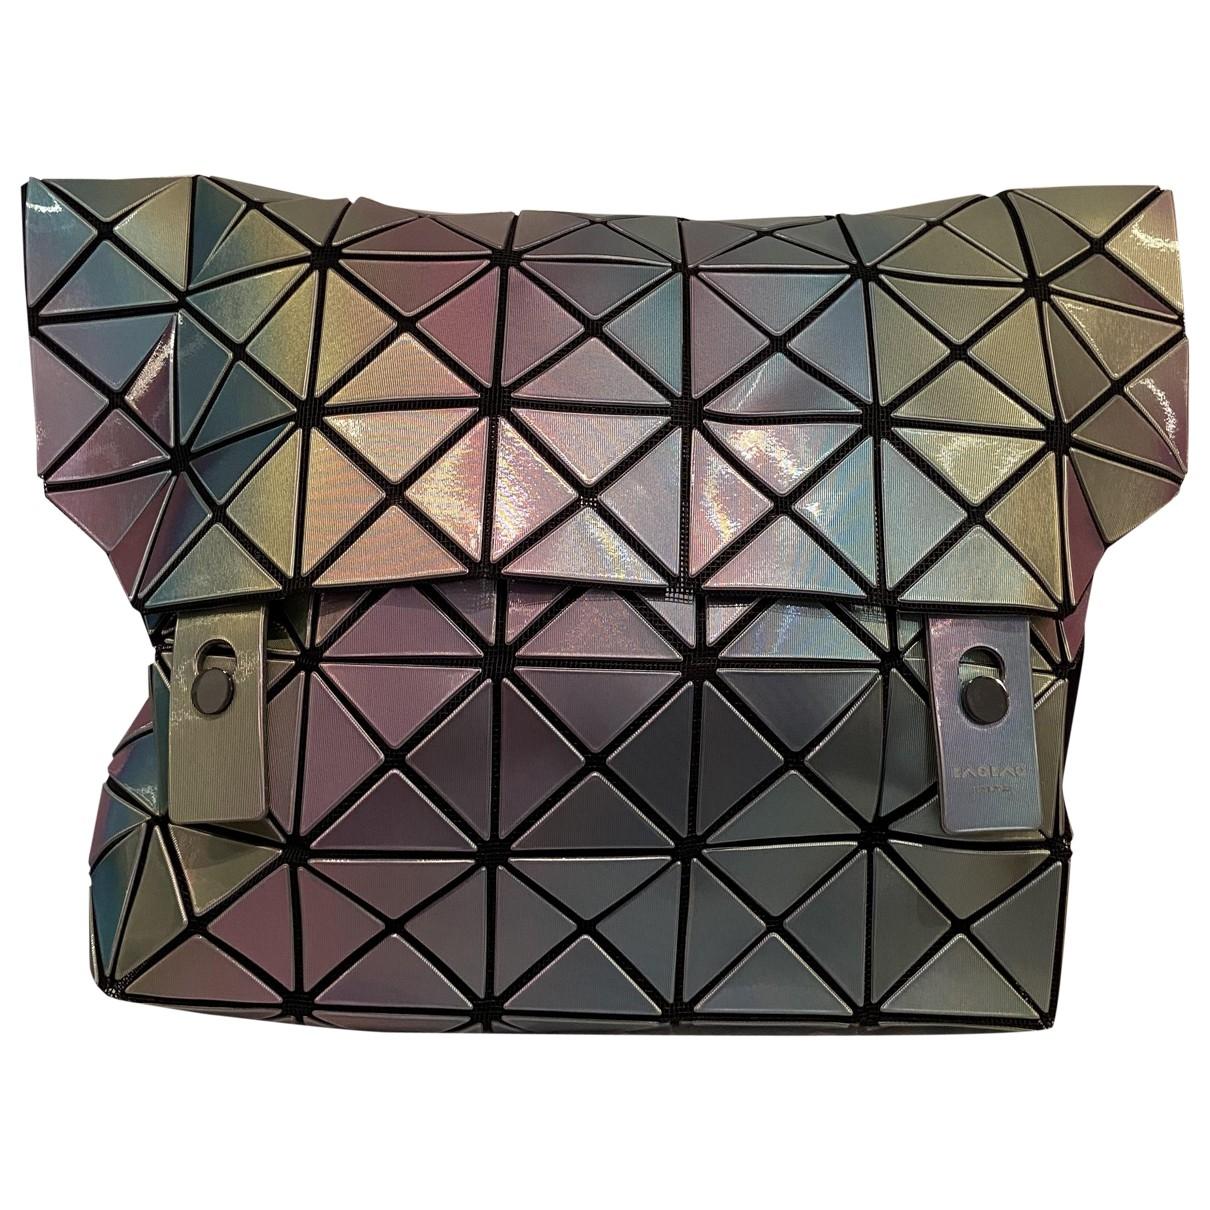 Issey Miyake \N Handtasche in  Bunt Polyester